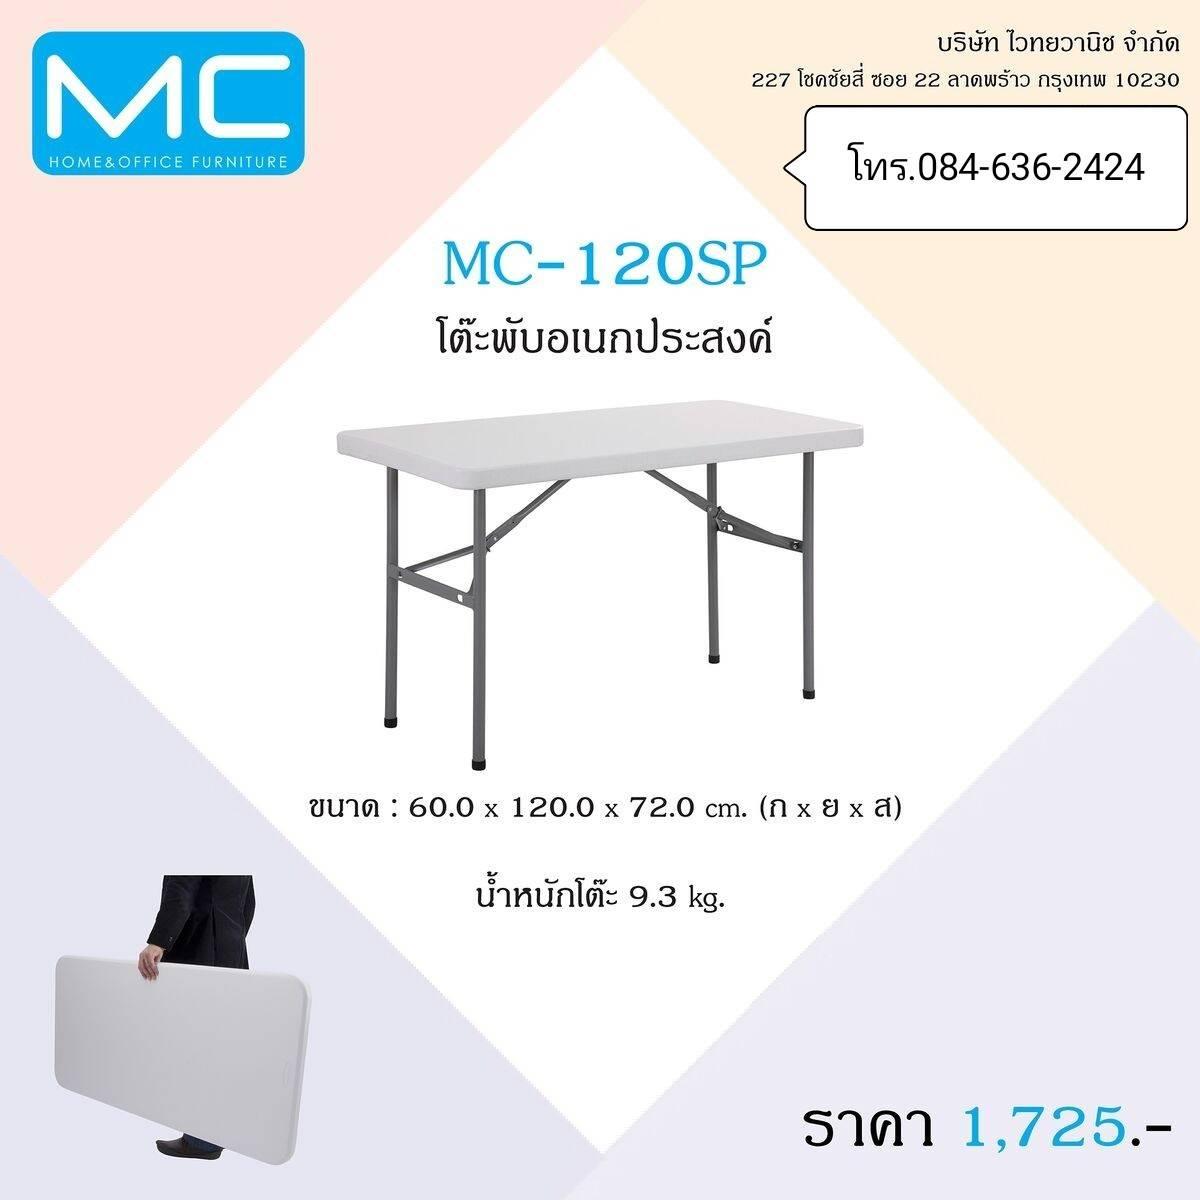 โต๊ะพับอเนกประสงค์ รุ่น MC-120SP